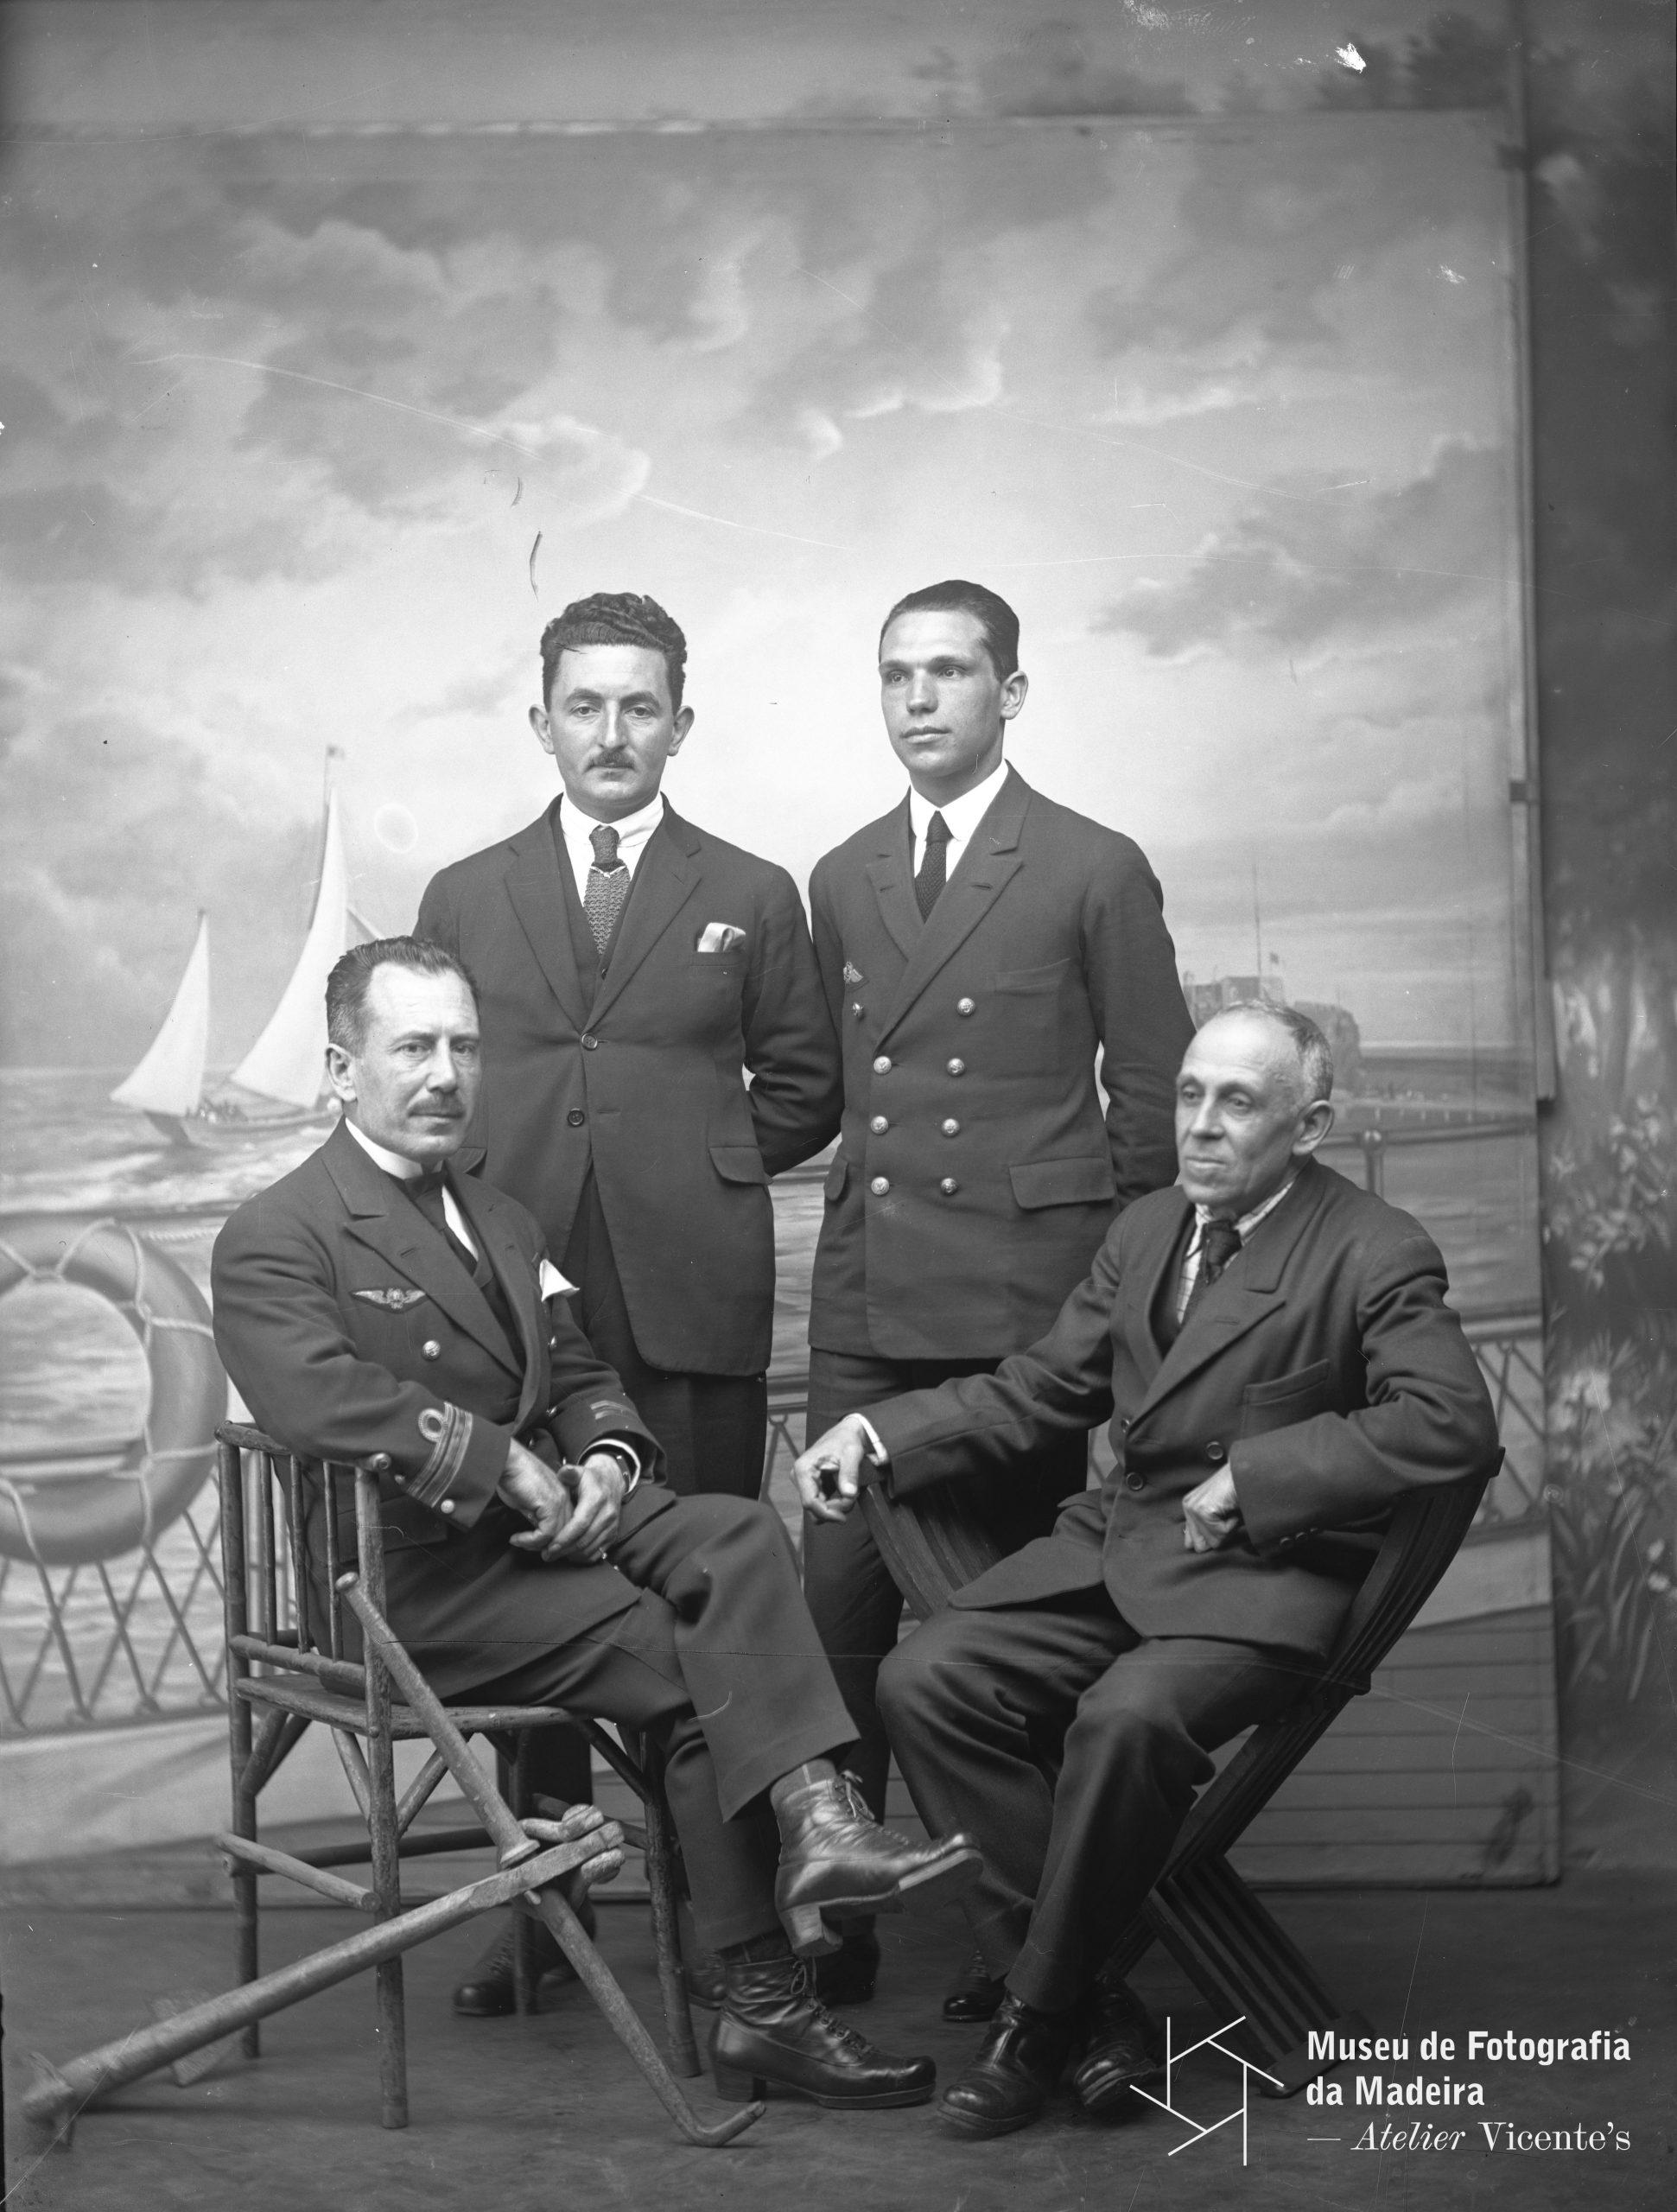 Retrato de grupo com o capitão-tenente Artur de Sacadura Freire Cabral, sentado, à esquerda, e o capitão-de-mar e guerra, Carlos Viegas Gago Coutinho, à direita, acompanhados pelo mecânico Roger Soubiran, de pé, à esquerda, e, à direita, pelo primeiro-tenente, Manuel Ortins Bettencourt, 1921, MFM-AV, em depósito no ABM, Photographia Vicente, Inv. VIC/13253.